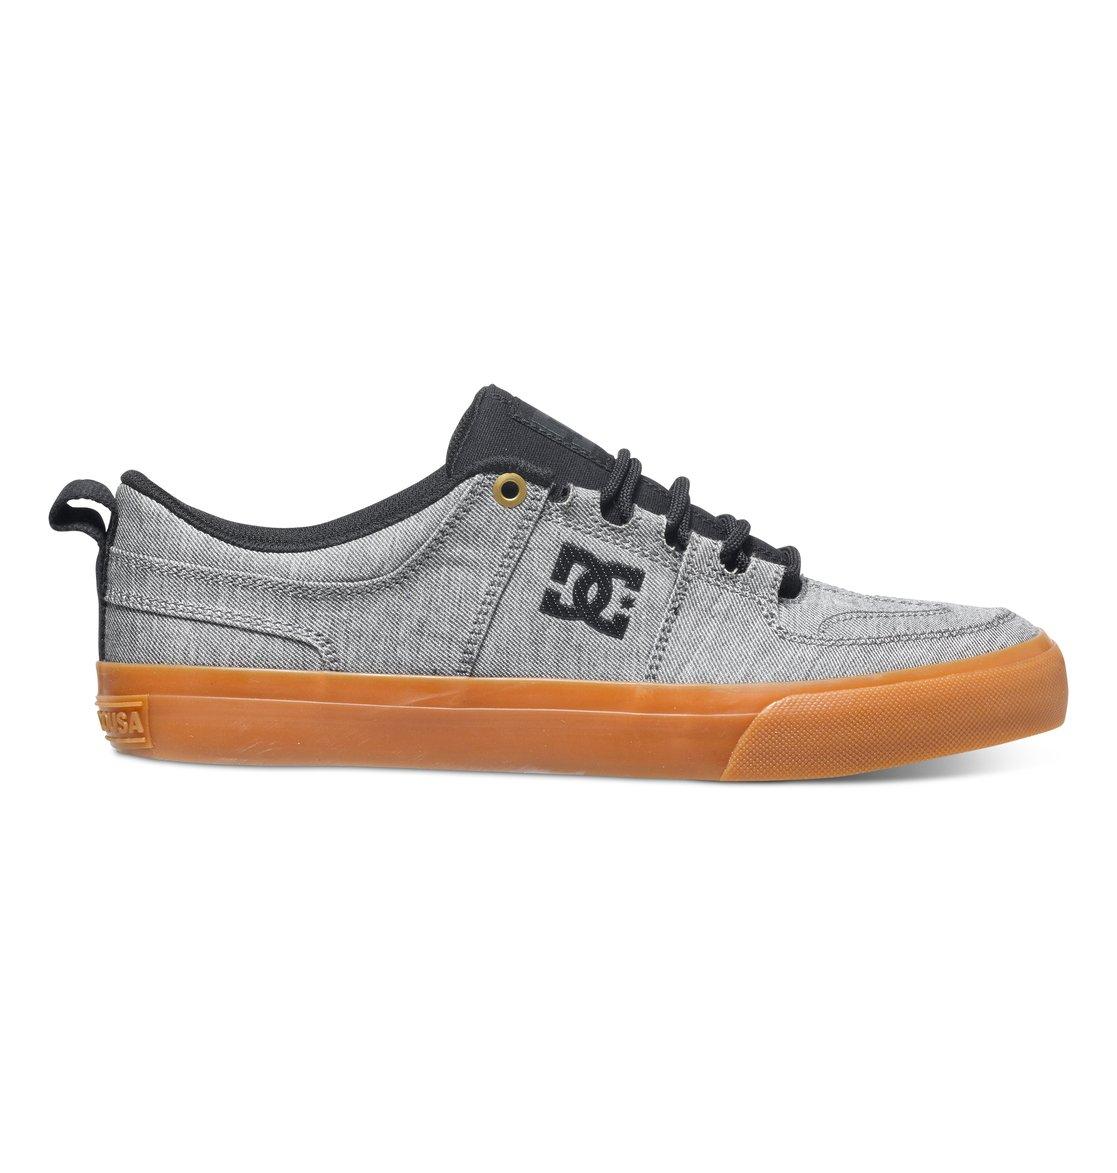 Здесь можно купить   Lynx Vulc TX SE - Low-Top Shoes Новые поступления